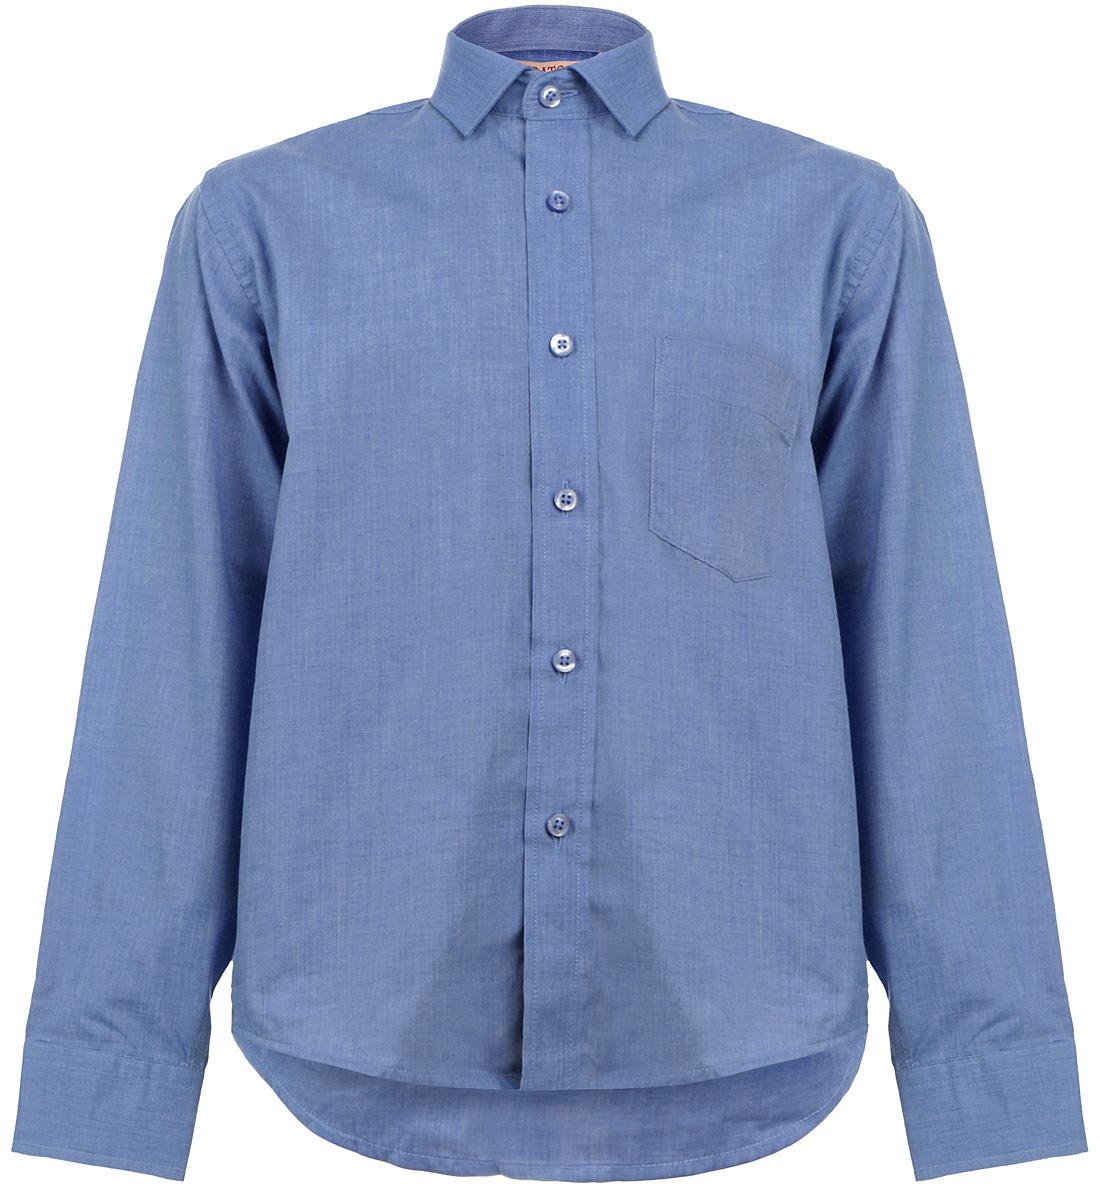 Рубашка для мальчика. LT BlueLT BlueСтильная рубашка для мальчика Imperator идеально подойдет вашему юному мужчине. Изготовленная из хлопка с добавлением полиэстера, она мягкая и приятная на ощупь, не сковывает движения и позволяет коже дышать, не раздражает даже самую нежную и чувствительную кожу ребенка, обеспечивая ему наибольший комфорт. Модель классического кроя с длинными рукавами и отложным воротничком застегивается по всей длине на пуговицы. На груди располагается накладной карман. Края рукавов дополнены широкими манжетами на пуговицах. Низ изделия немного закруглен к боковым швам. Такая рубашка будет прекрасно смотреться с брюками и джинсами. Она станет неотъемлемой частью детского гардероба.